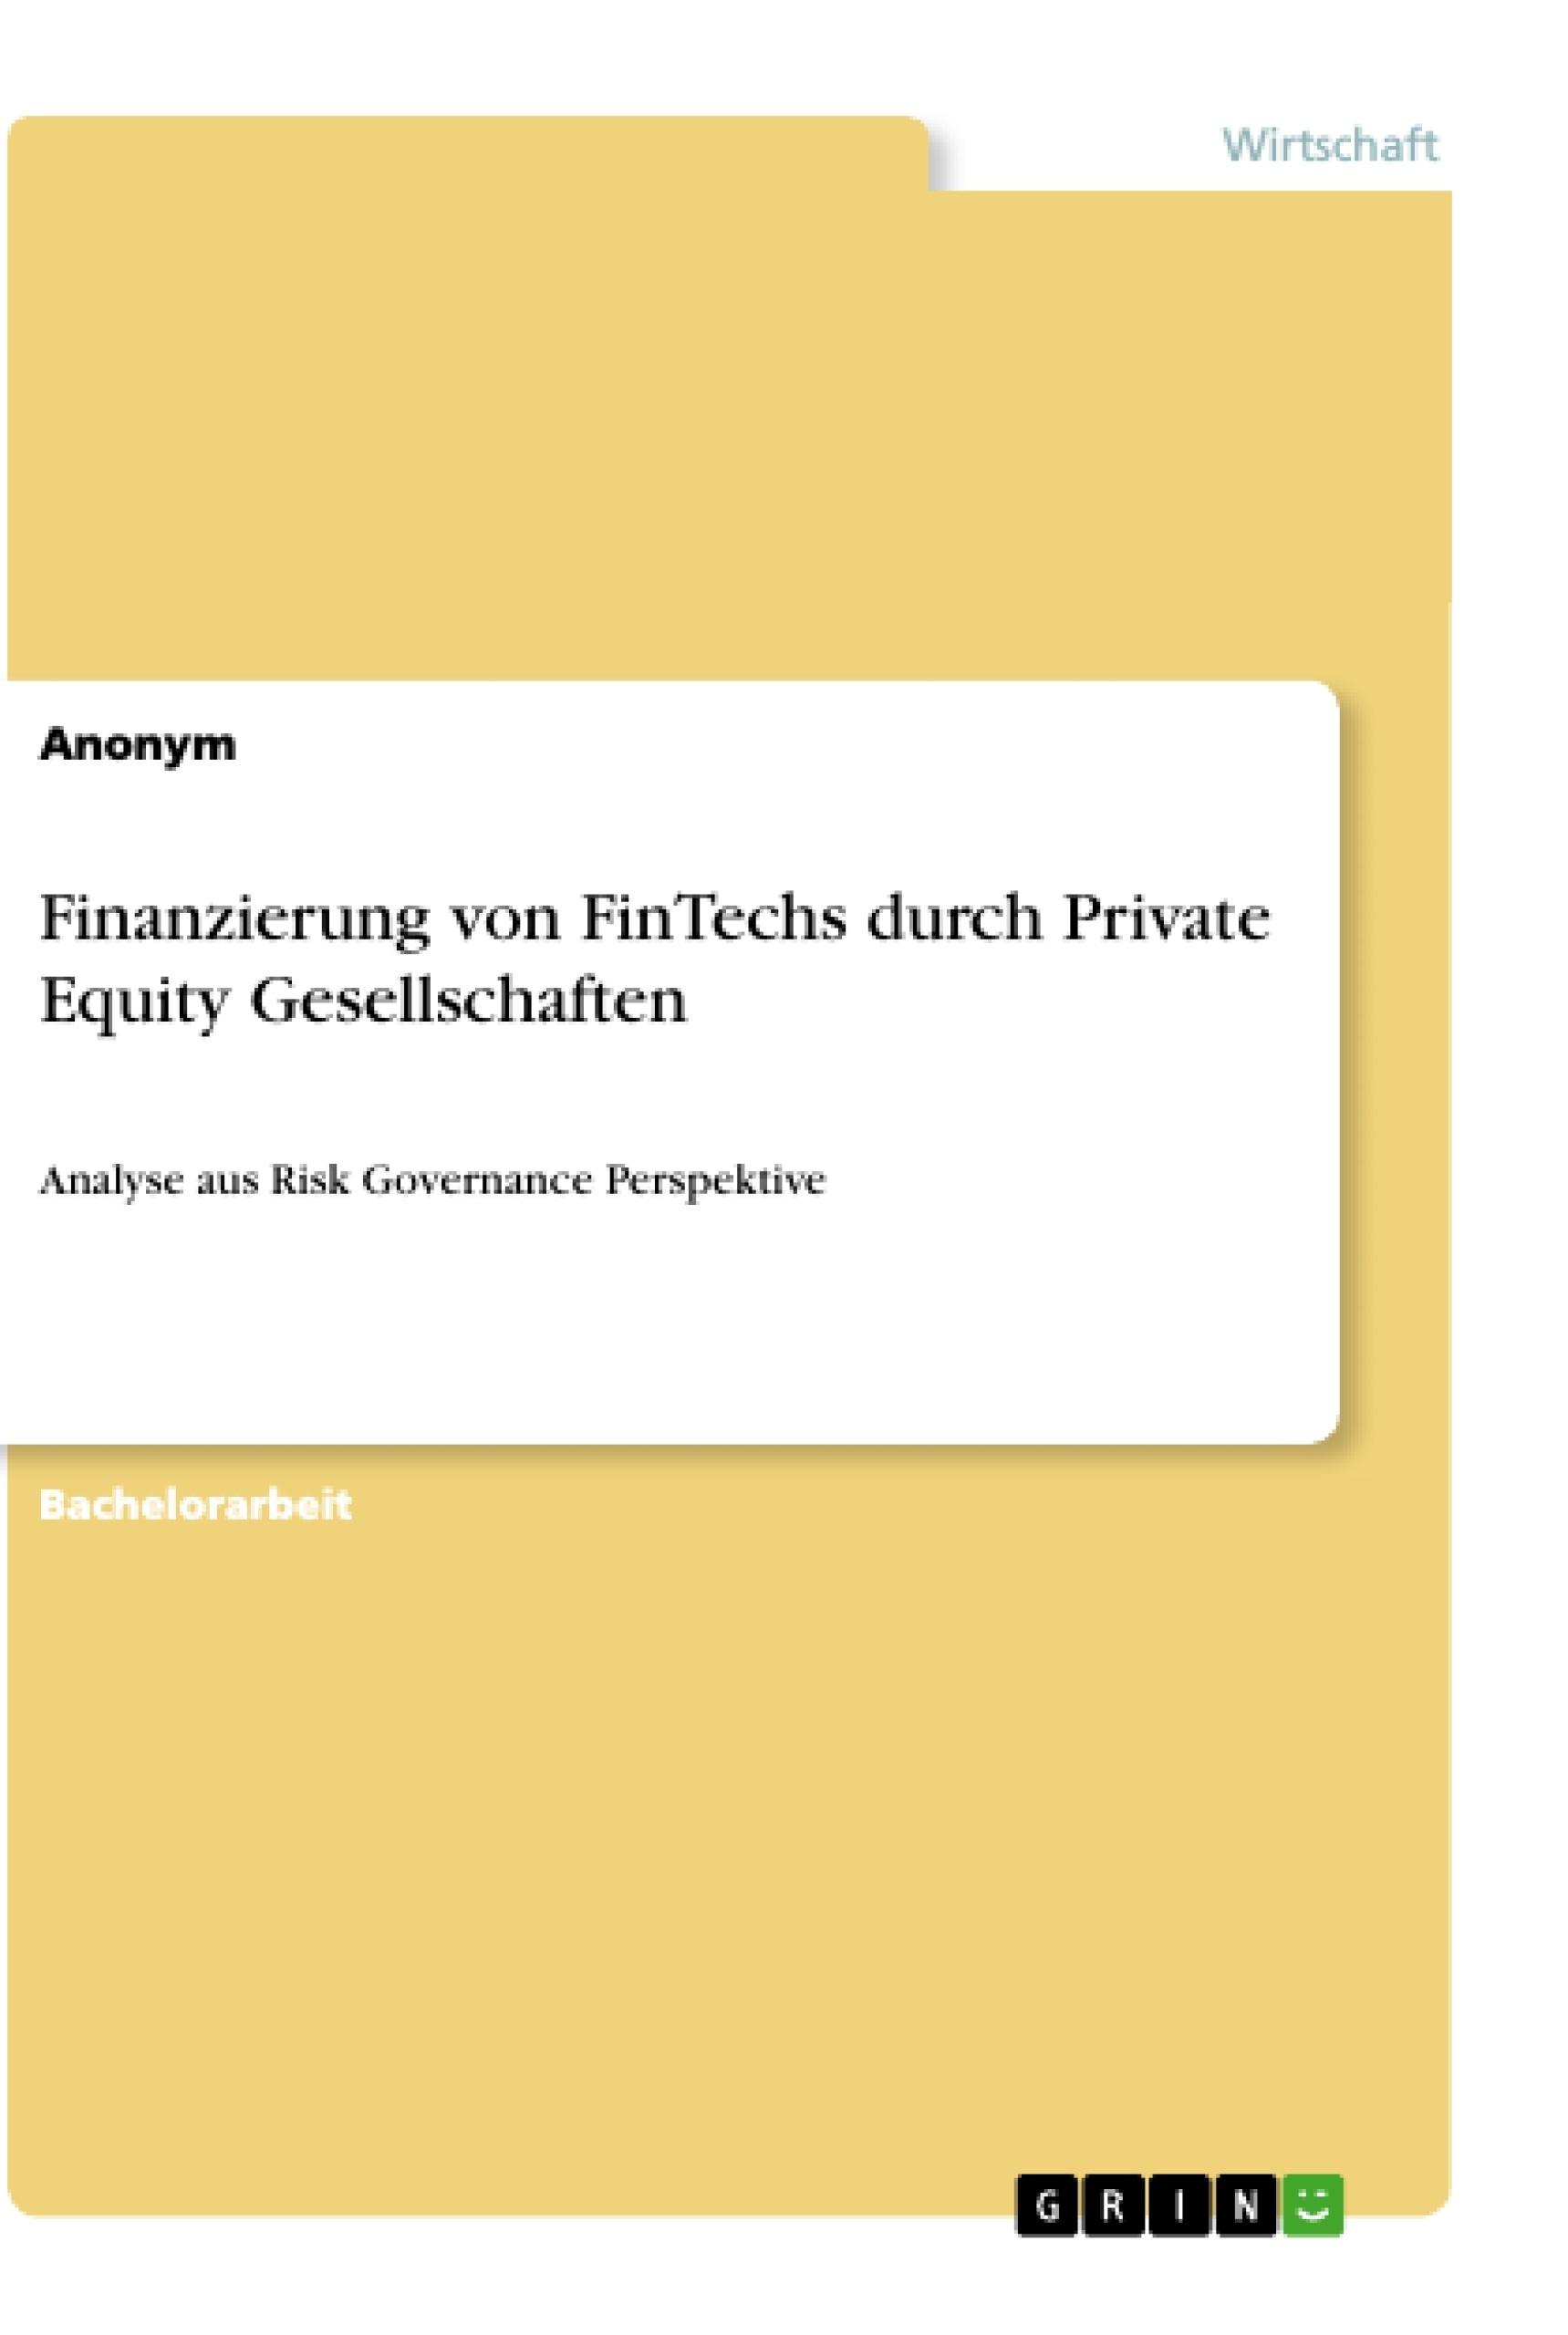 Titel: Finanzierung von FinTechs durch Private Equity Gesellschaften